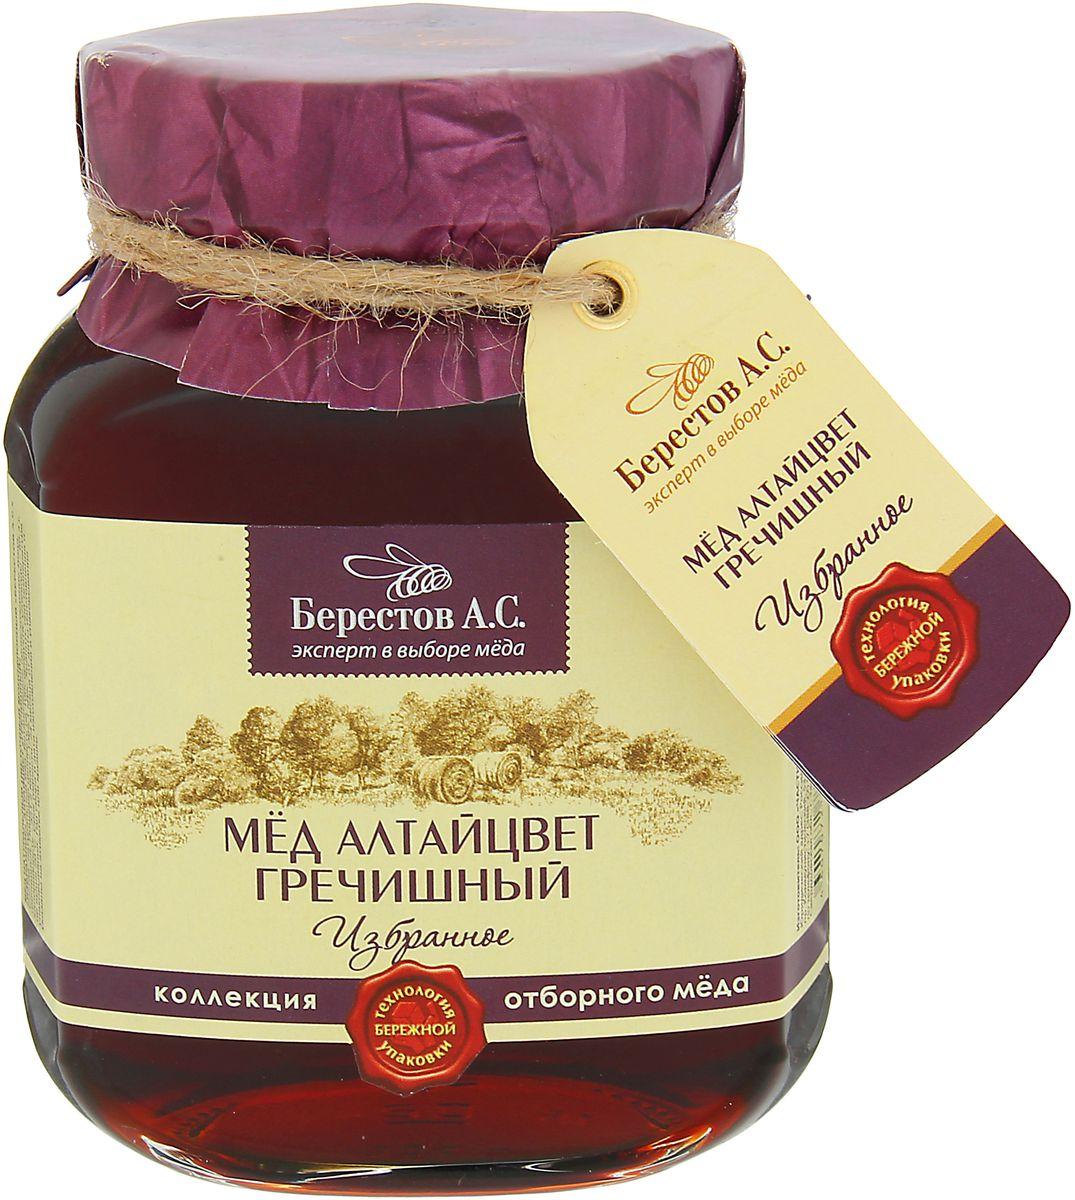 Для коллекции «Избранное» нашими экспертами отобраны исключительно премиальные сорта мёда, обладающие уникальным характером и многогранным вкусом. Каждый урожай мёда неповторим и мы предлагаем вам только самое лучшее из коллекции этого года. Мёд Алтайский Гречишный из коллекции «Избранное» Роскошный терпкий мёд с легким коньячным послевкусием самый изысканный и яркий в коллекции «Избранное». Горный воздух Алтая и редчайшие целебные медоносы дарят гречишному мёду поистине чарующий букет корицы, грецкого ореха и чернослива с нотками карамели, муската и едва уловимым оттенком тмина. Высокое качество Проверенная годами и положительно зарекомендовавшая себя многоступенчатая система отбора мёда для коллекции «Избранное» гарантирует высочайшее качество натурального меда «Берестов А.С.» и соответствие всем требованиям ГОСТ. Мёд «Берестов А.С.» получил заслуженное признание ценителей и экспертов. Это подтверждено многочисленными наградами крупнейших продуктовых выставок. ...